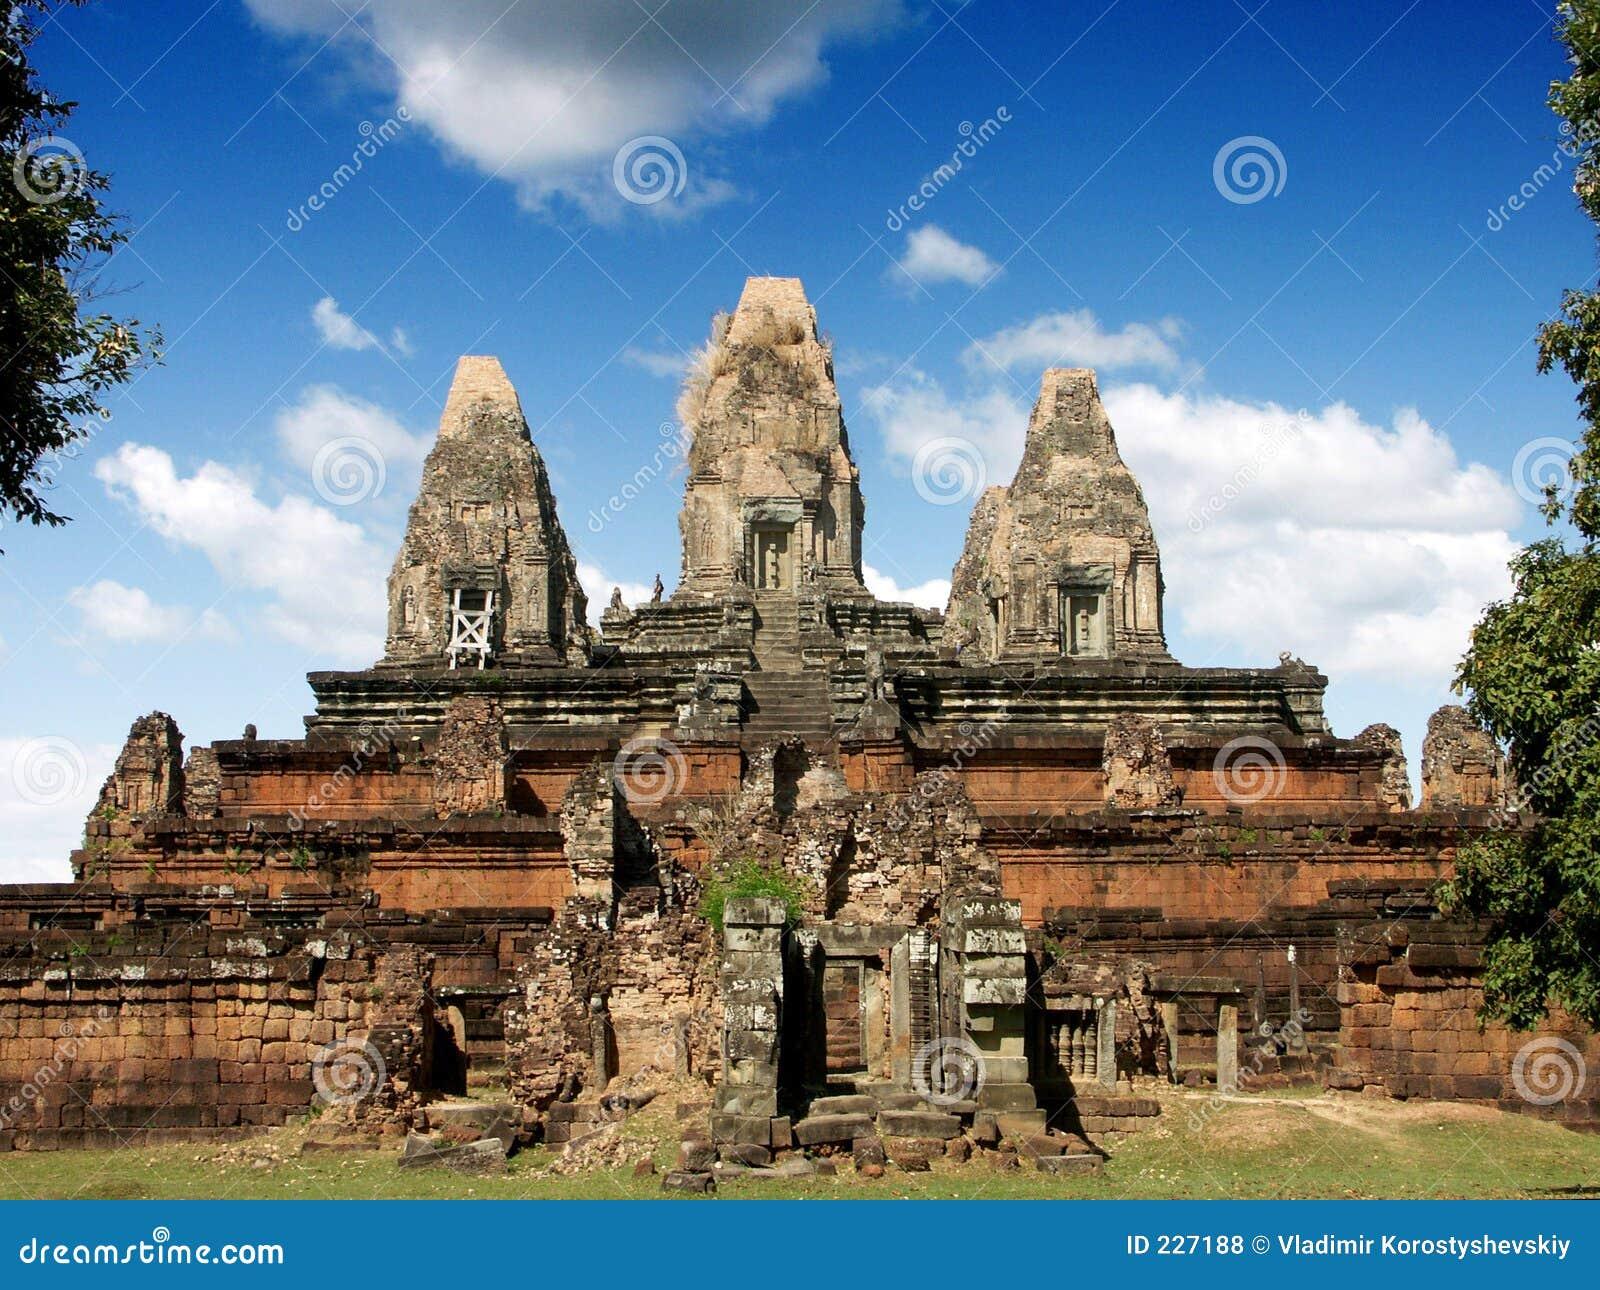 Preah cambodia rup